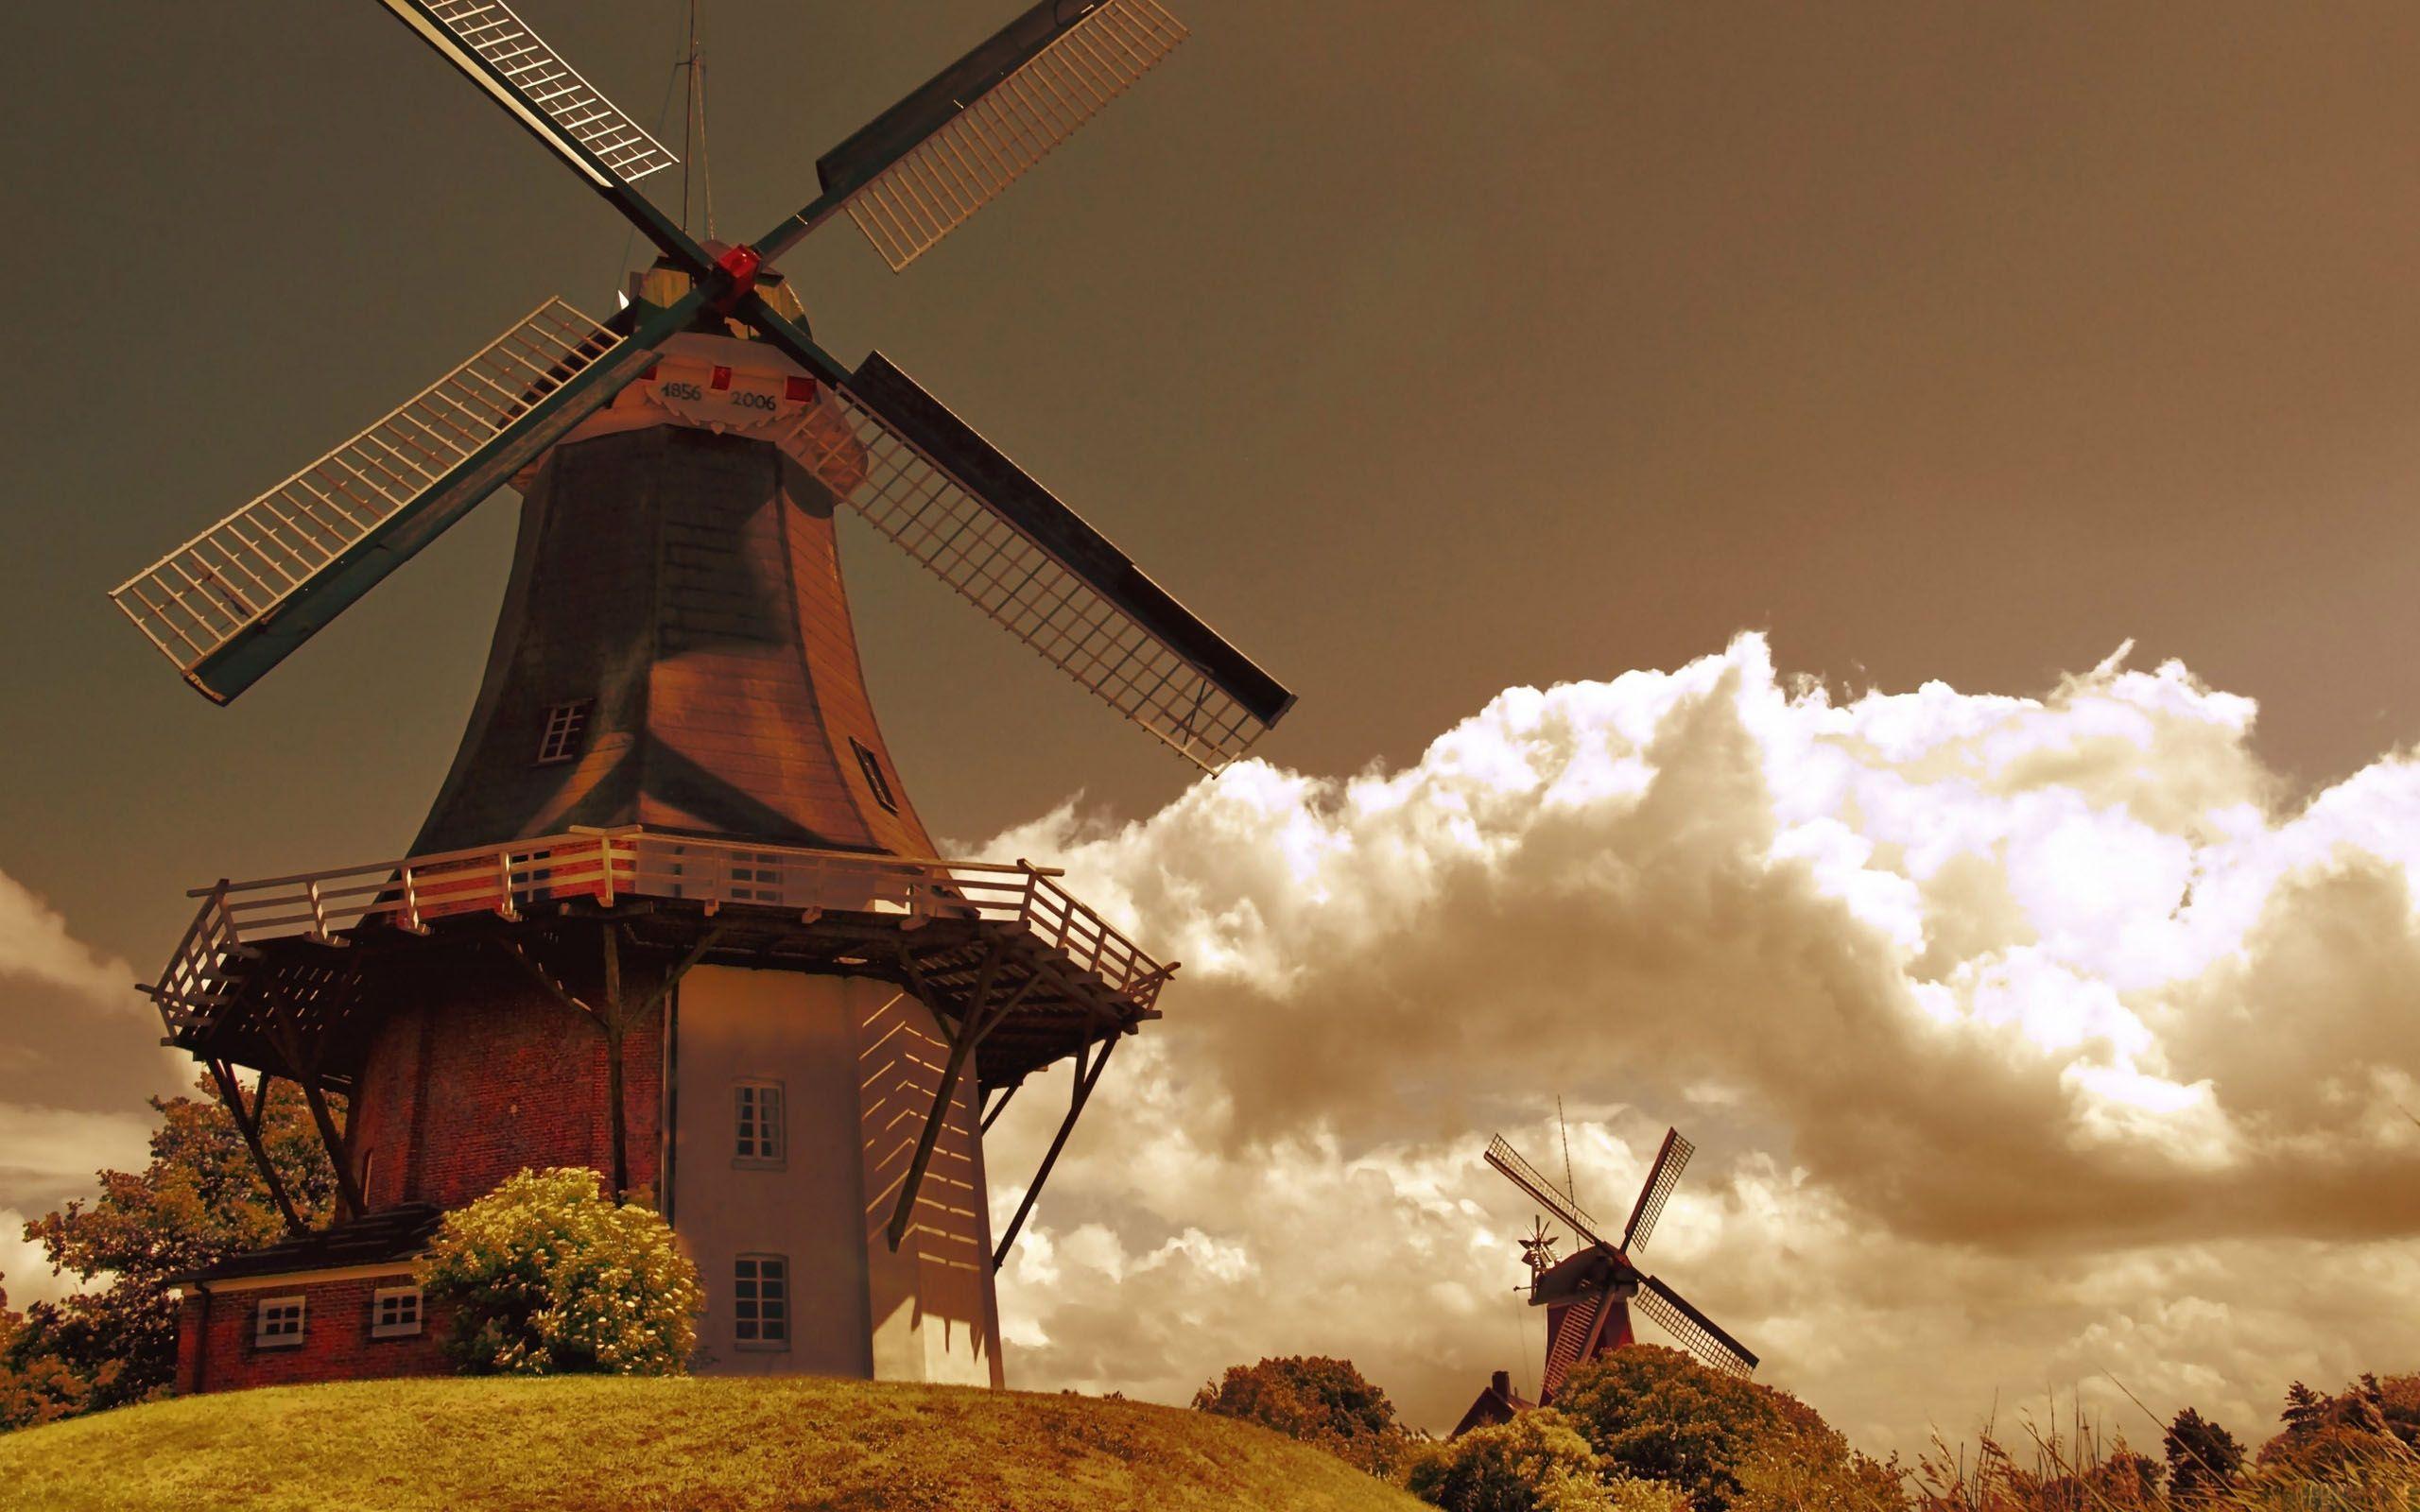 Windmill Wallpaper Backgrounds Windmill Mill Sky Wallpapers Windmill Widescreen Wallpaper Wallpaper